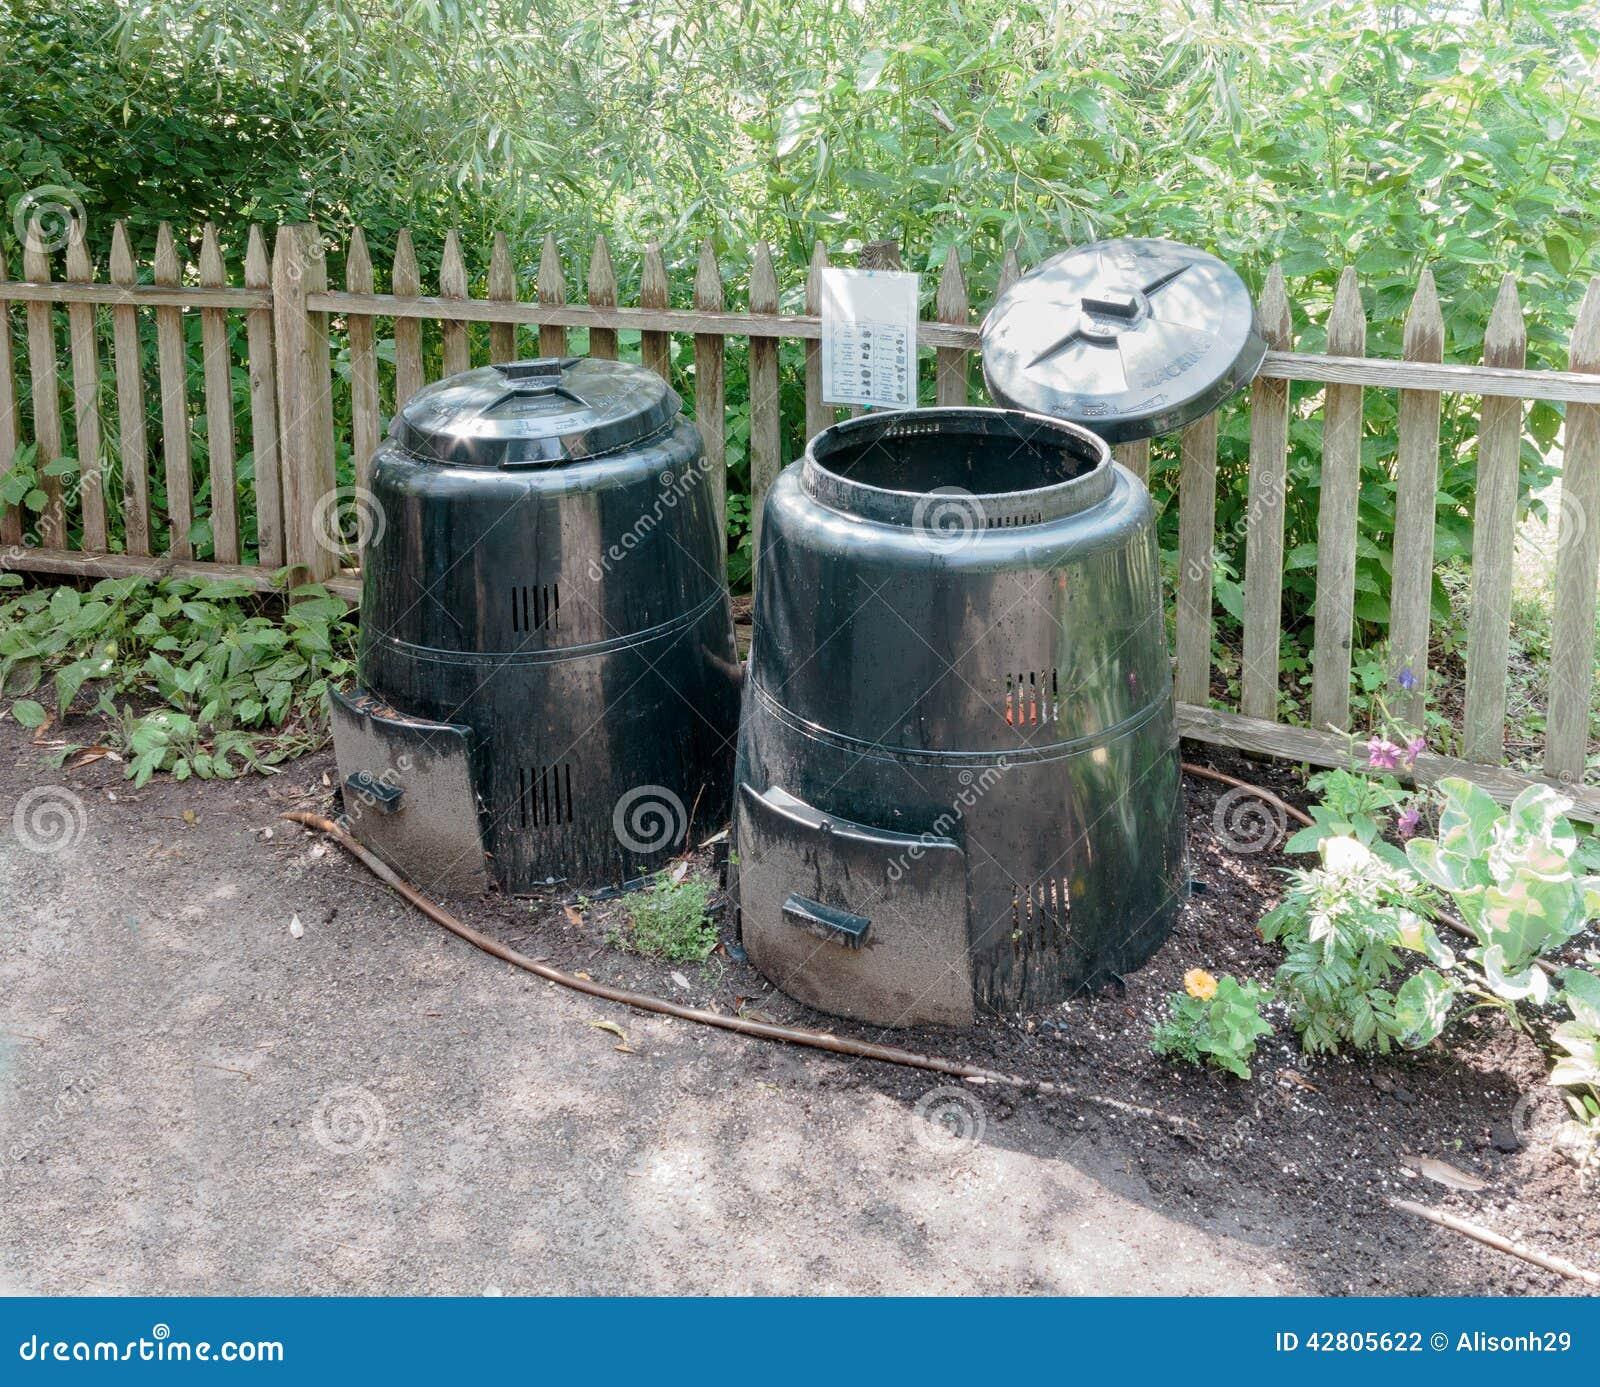 Poubelles Noires De Jardin poubelles de compost noires photo stock - image du ordures